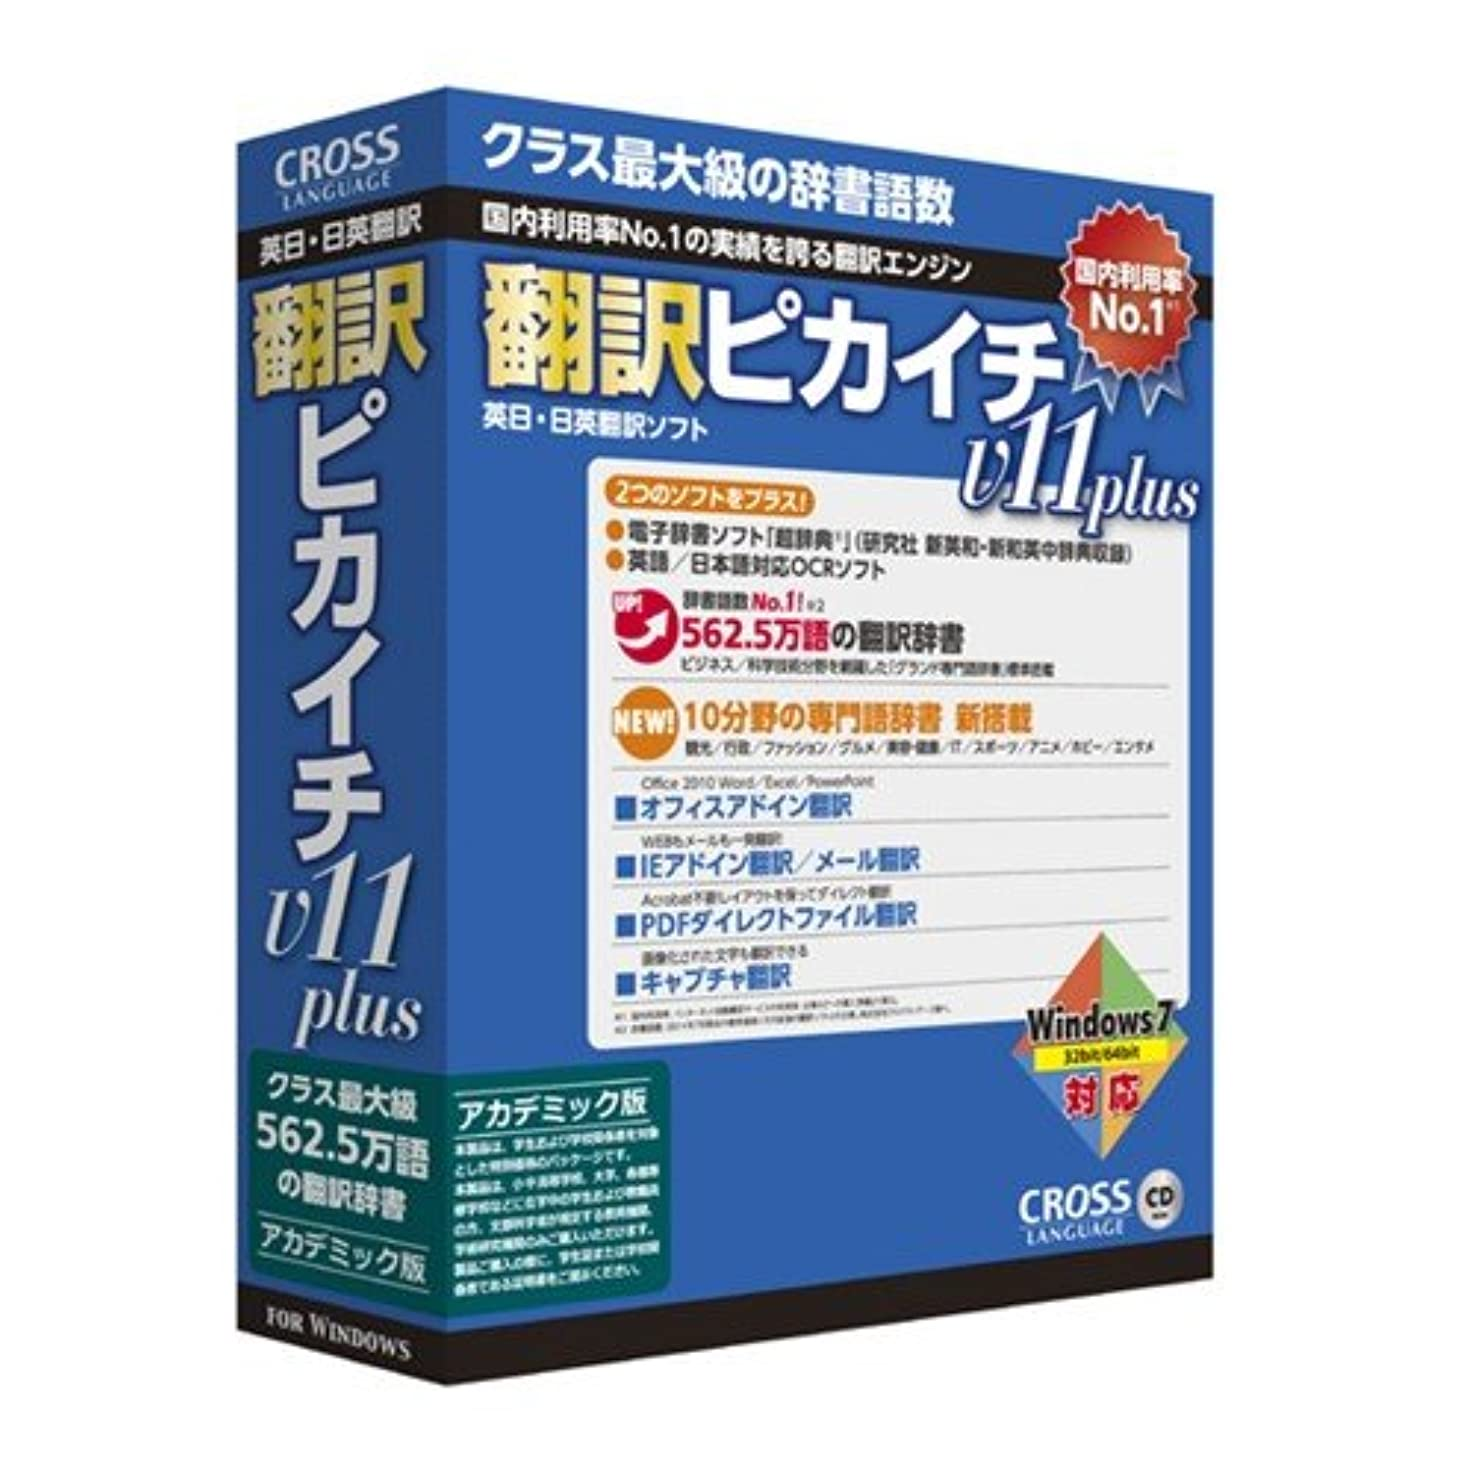 弁護人直立軽蔑する翻訳ピカイチV11 plus アカデミック版 for Windows